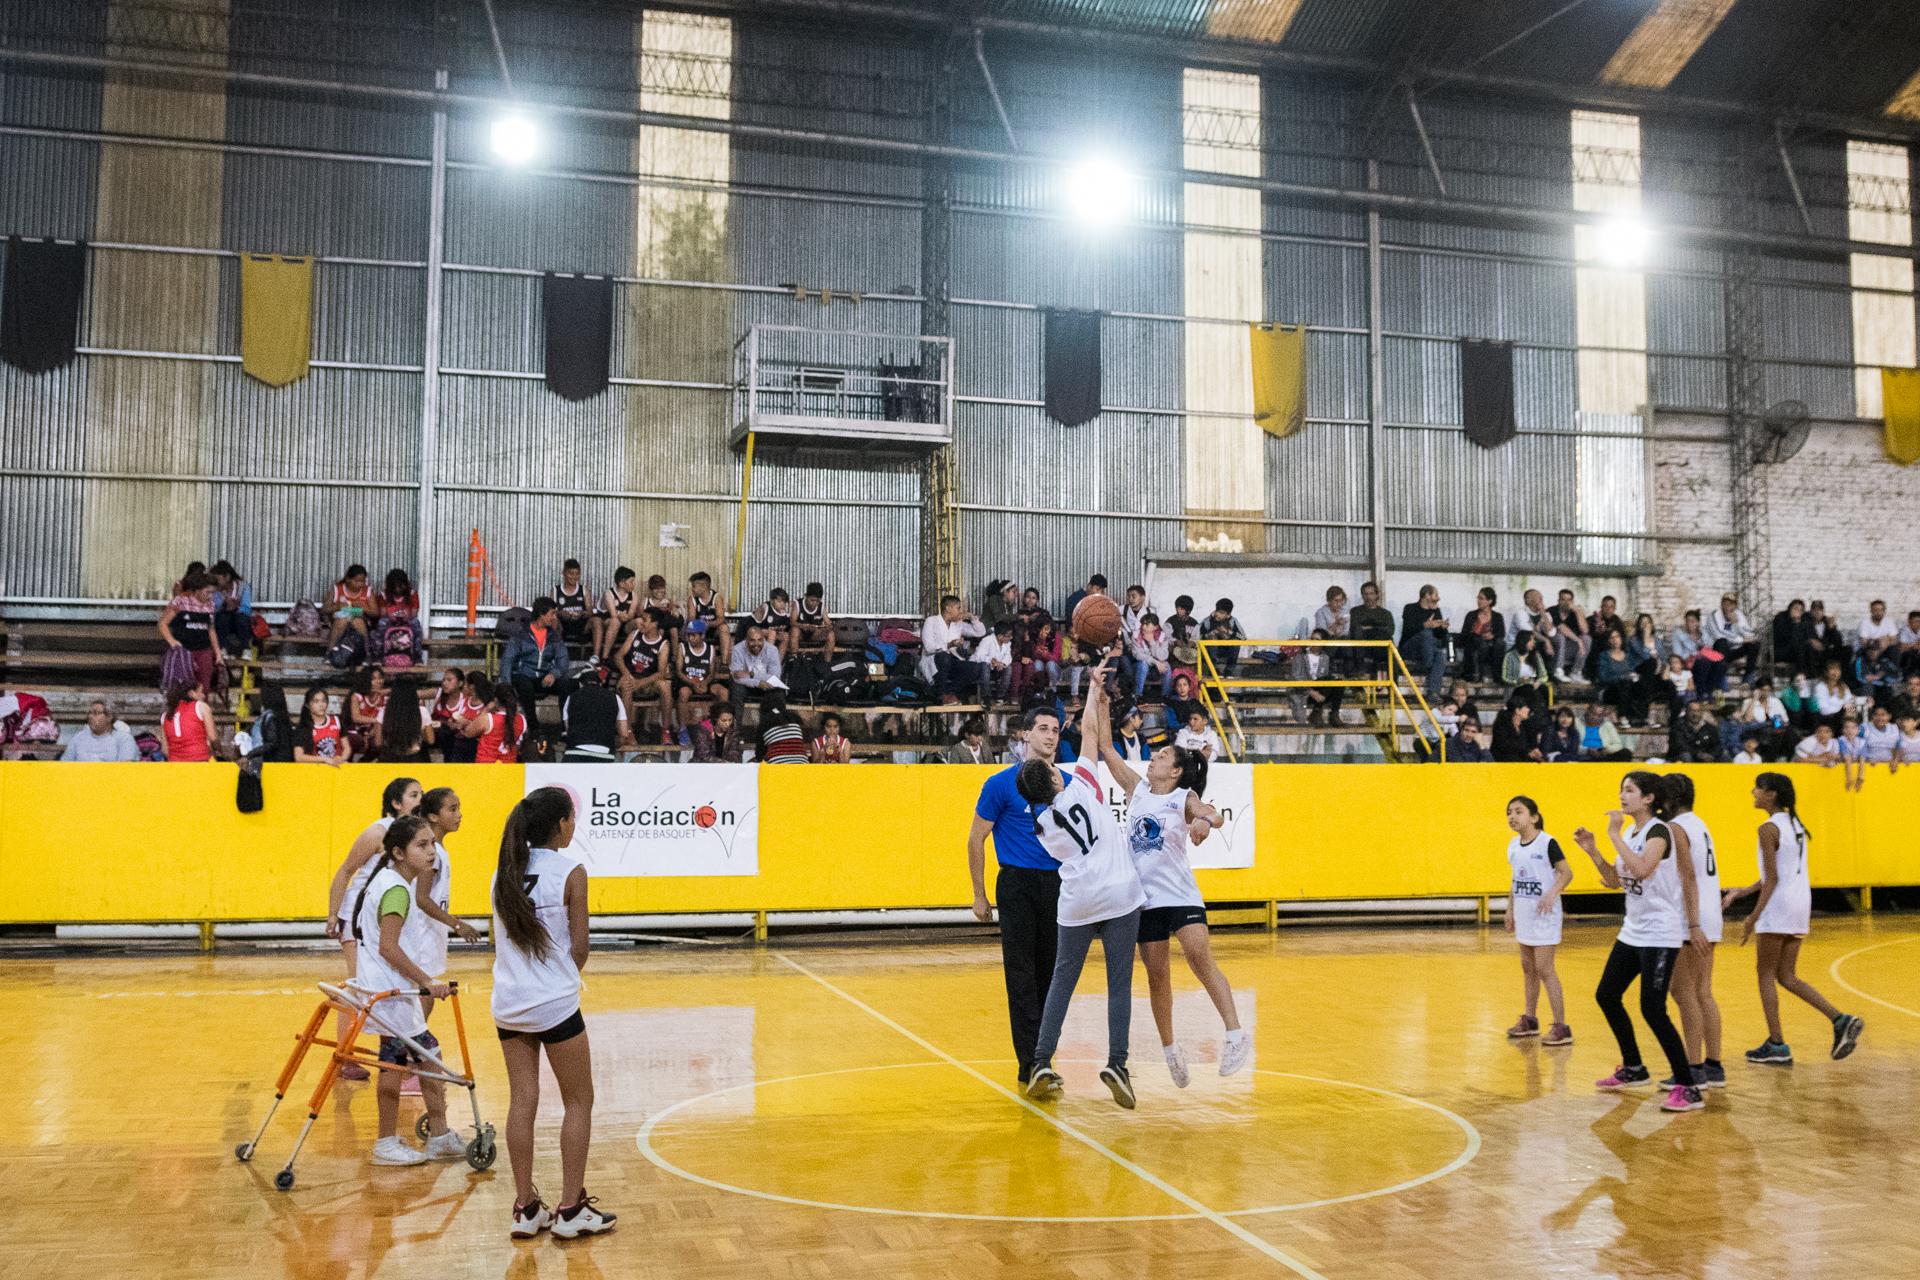 Llega la jornada final del Jr. NBA a La Plata